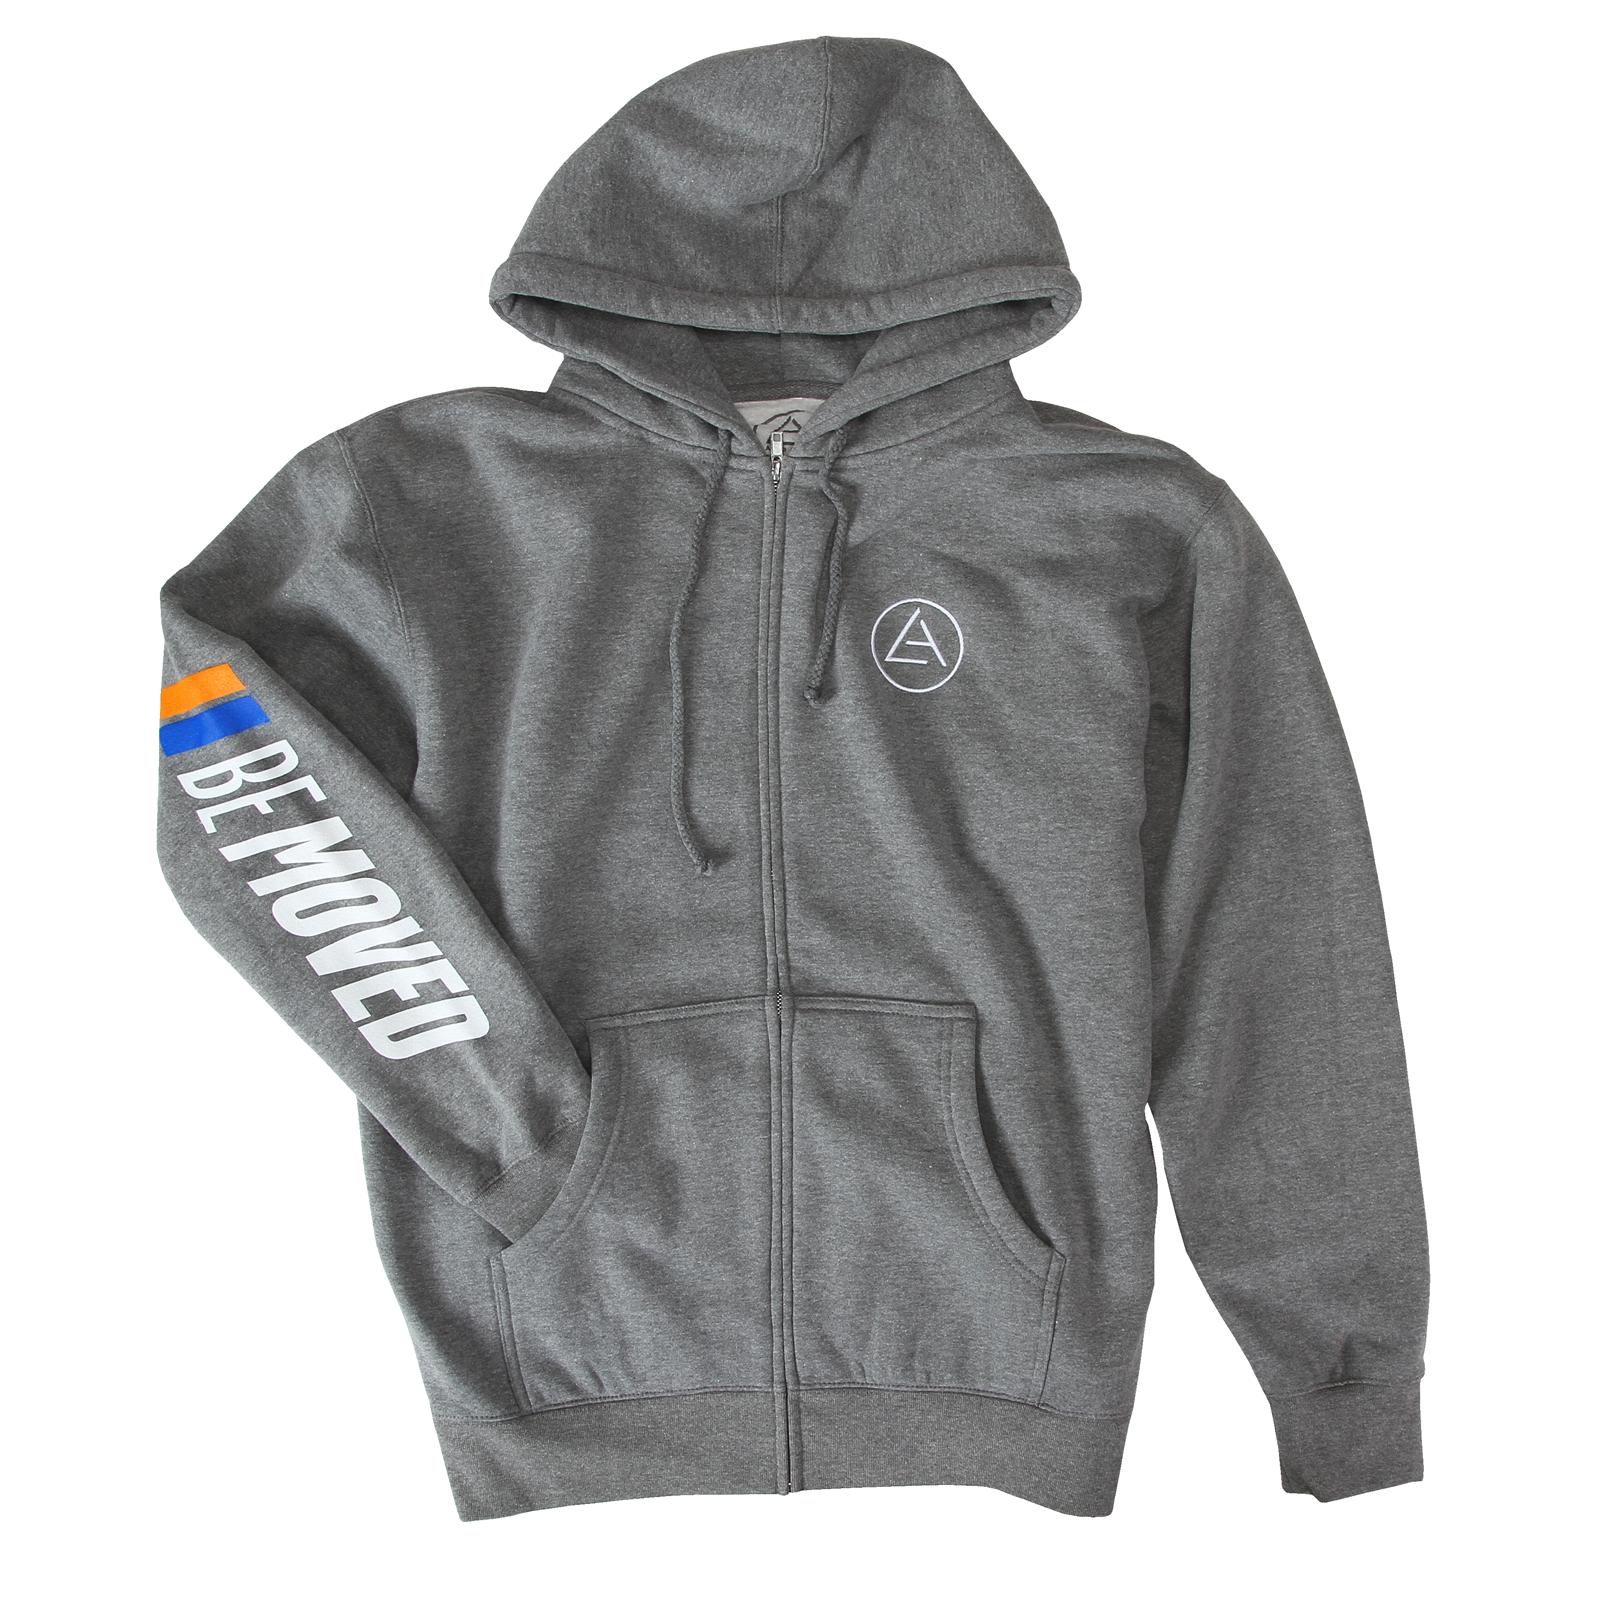 Be Moved Zip Up Sweatshirt